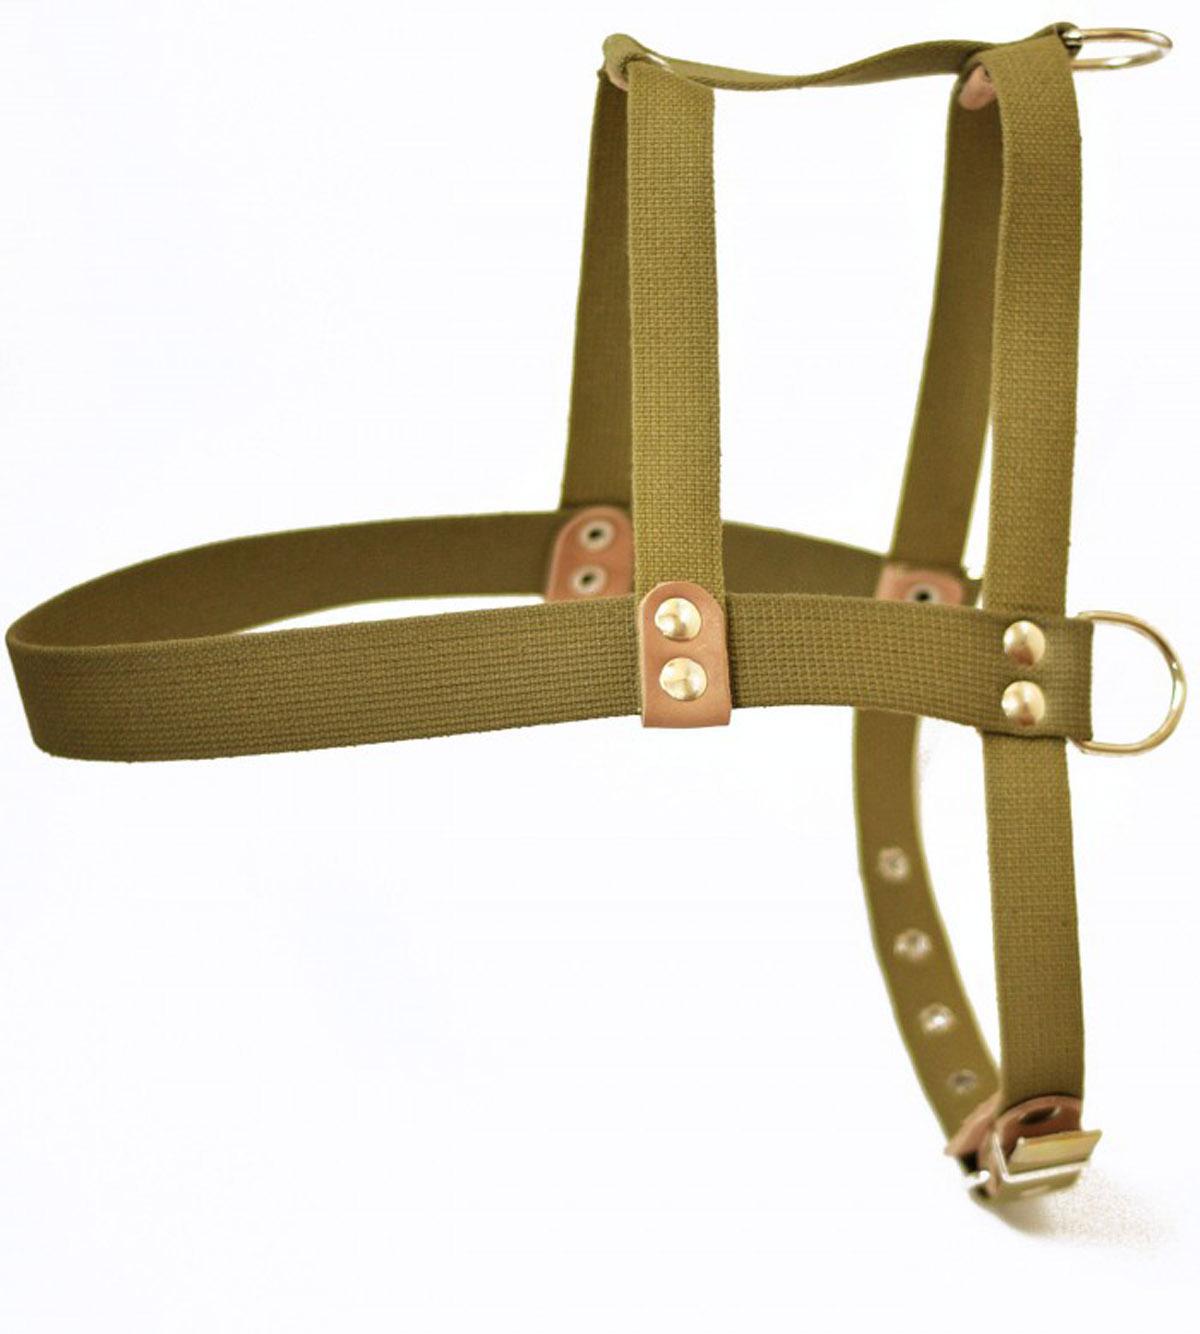 шлея брез. №2езд ш35бр2 (63-74 см) Kormberi.ru магазин товаров для ваших животных